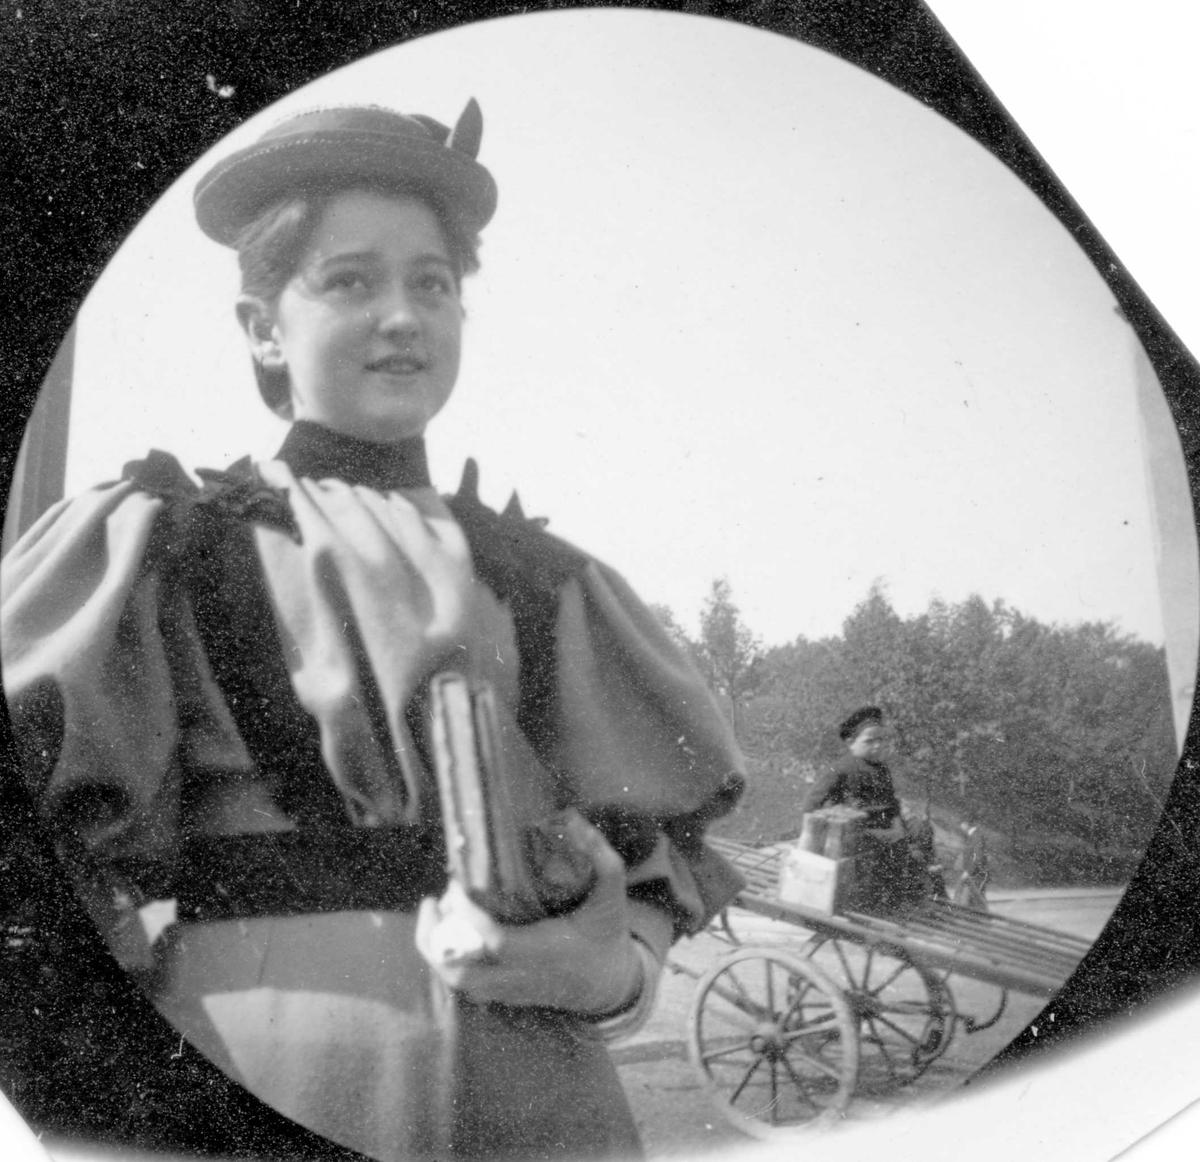 Kunstner Signe Hvistendahl med bok under armen. Kjerre med gutt i bakgrunnen.